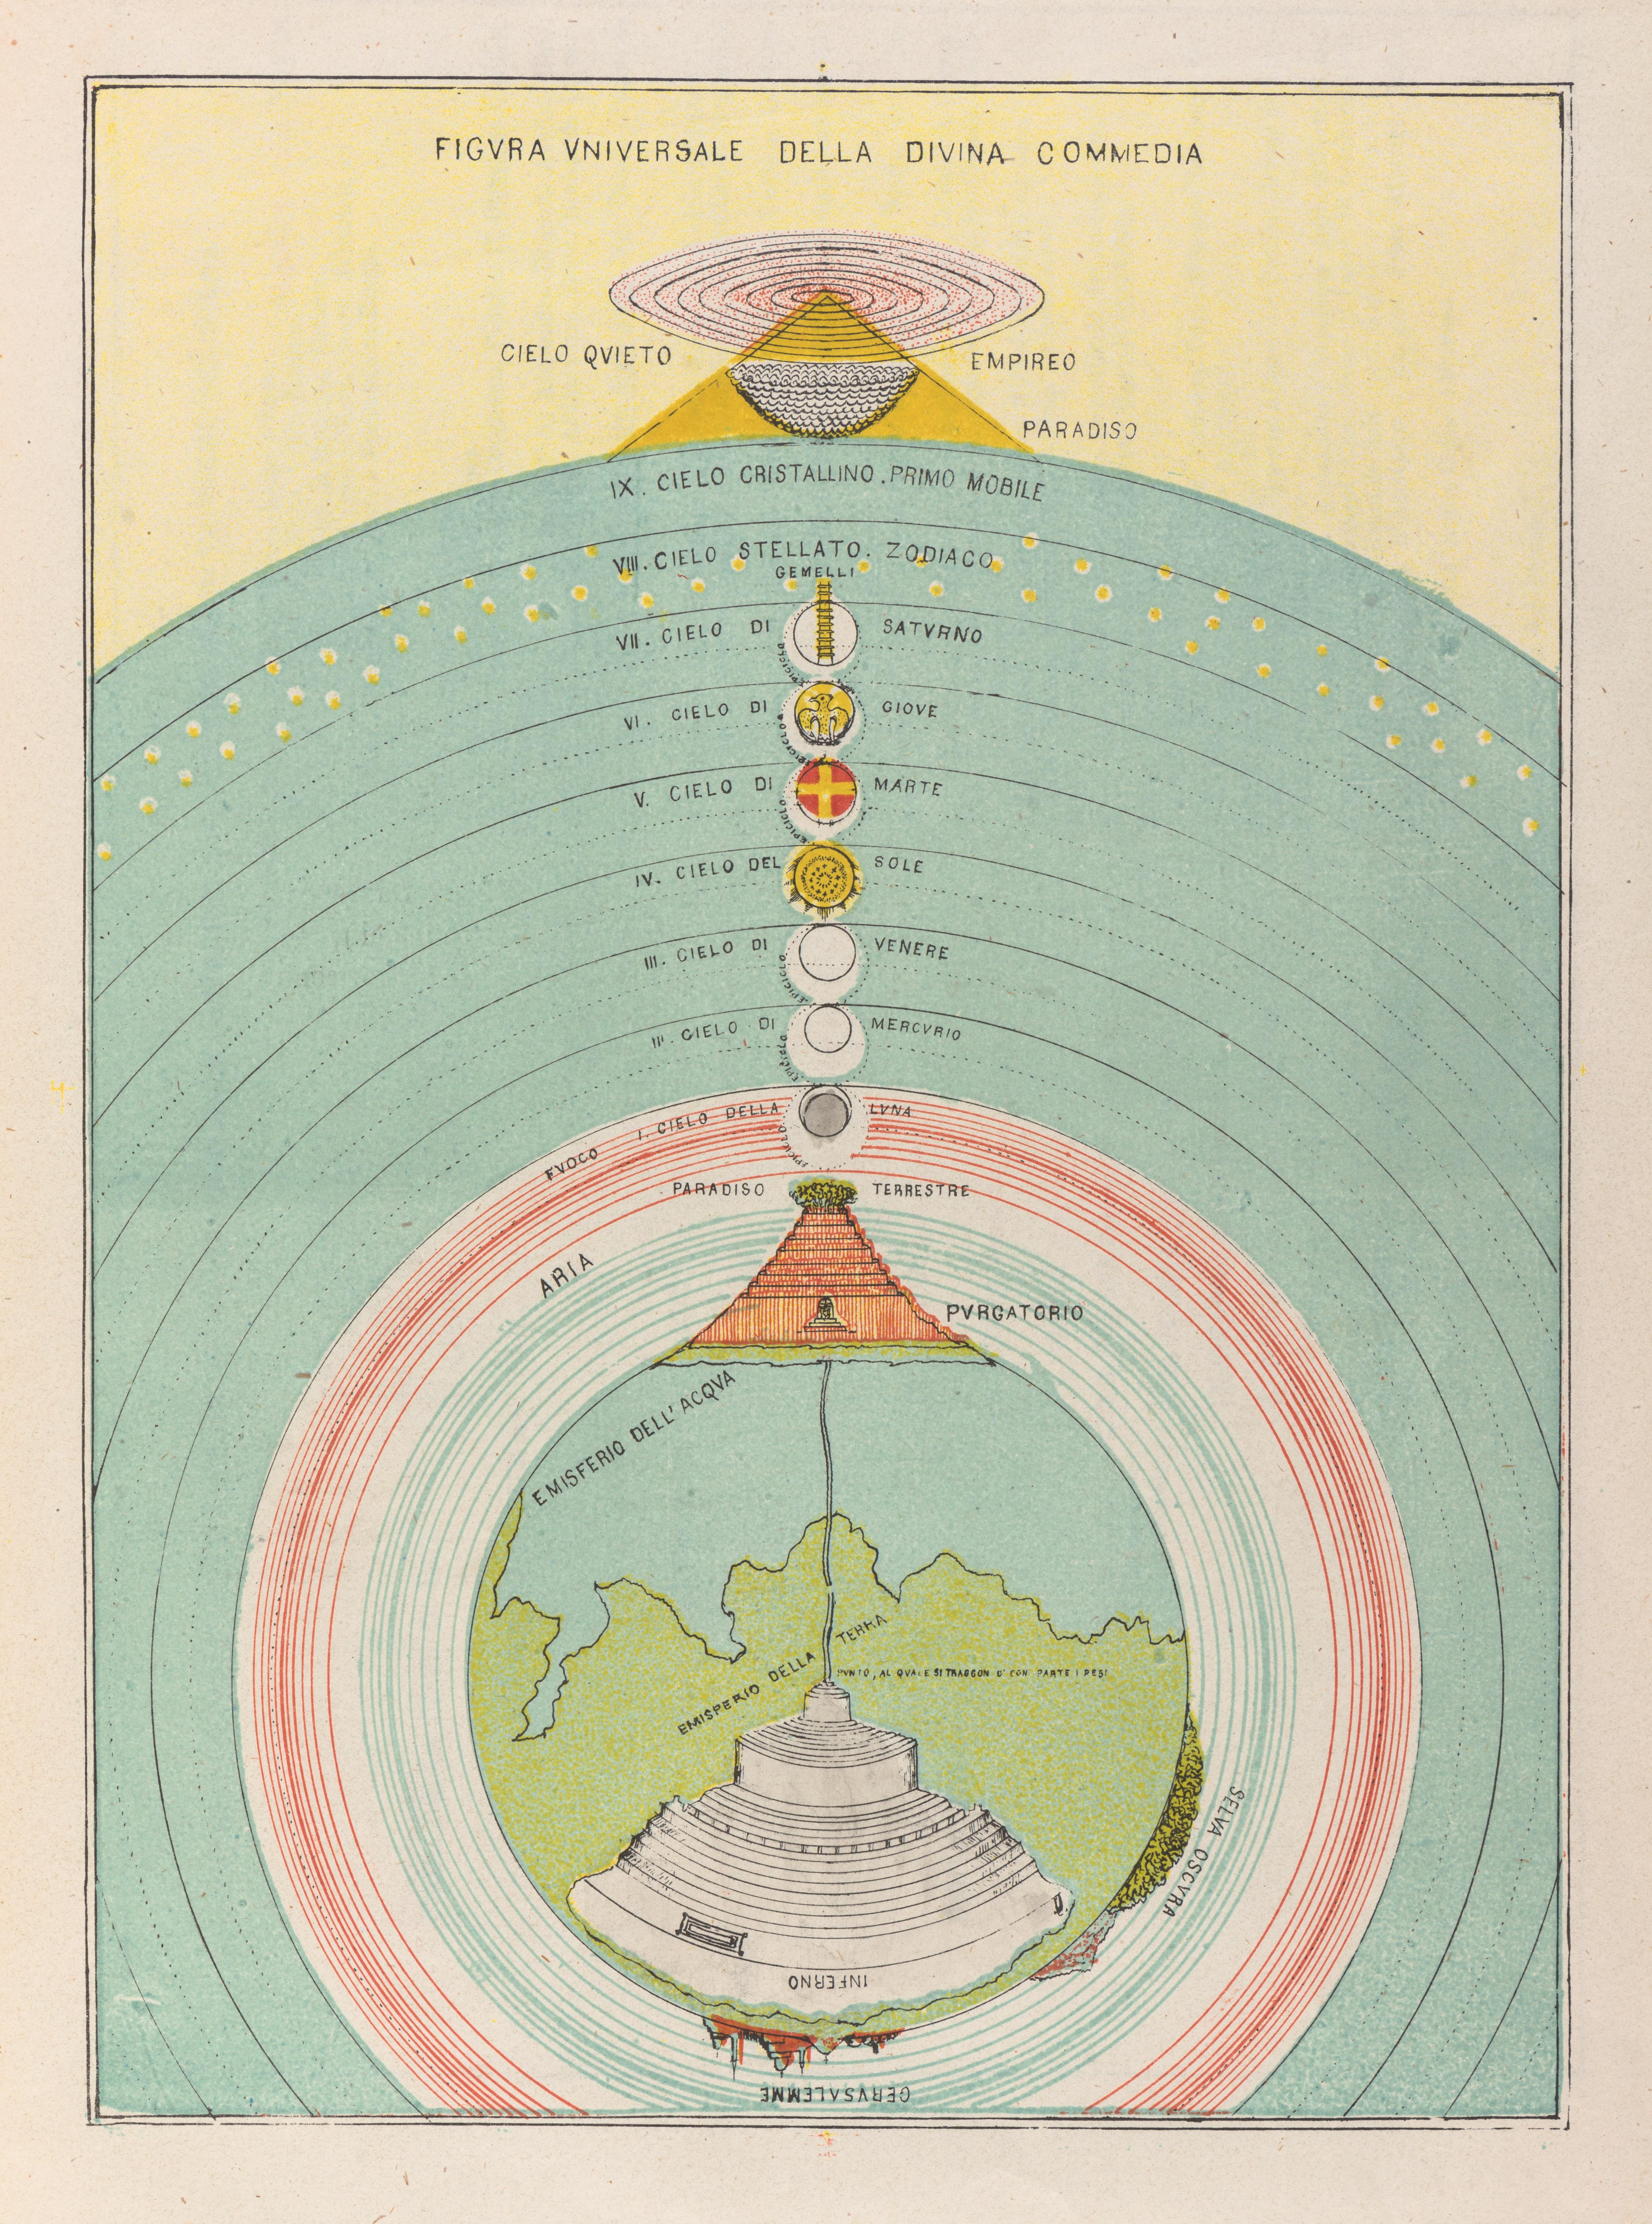 Michelangelo Caetani Overview of the Divine edy 1855 Cornell CUL PJM 1071 01